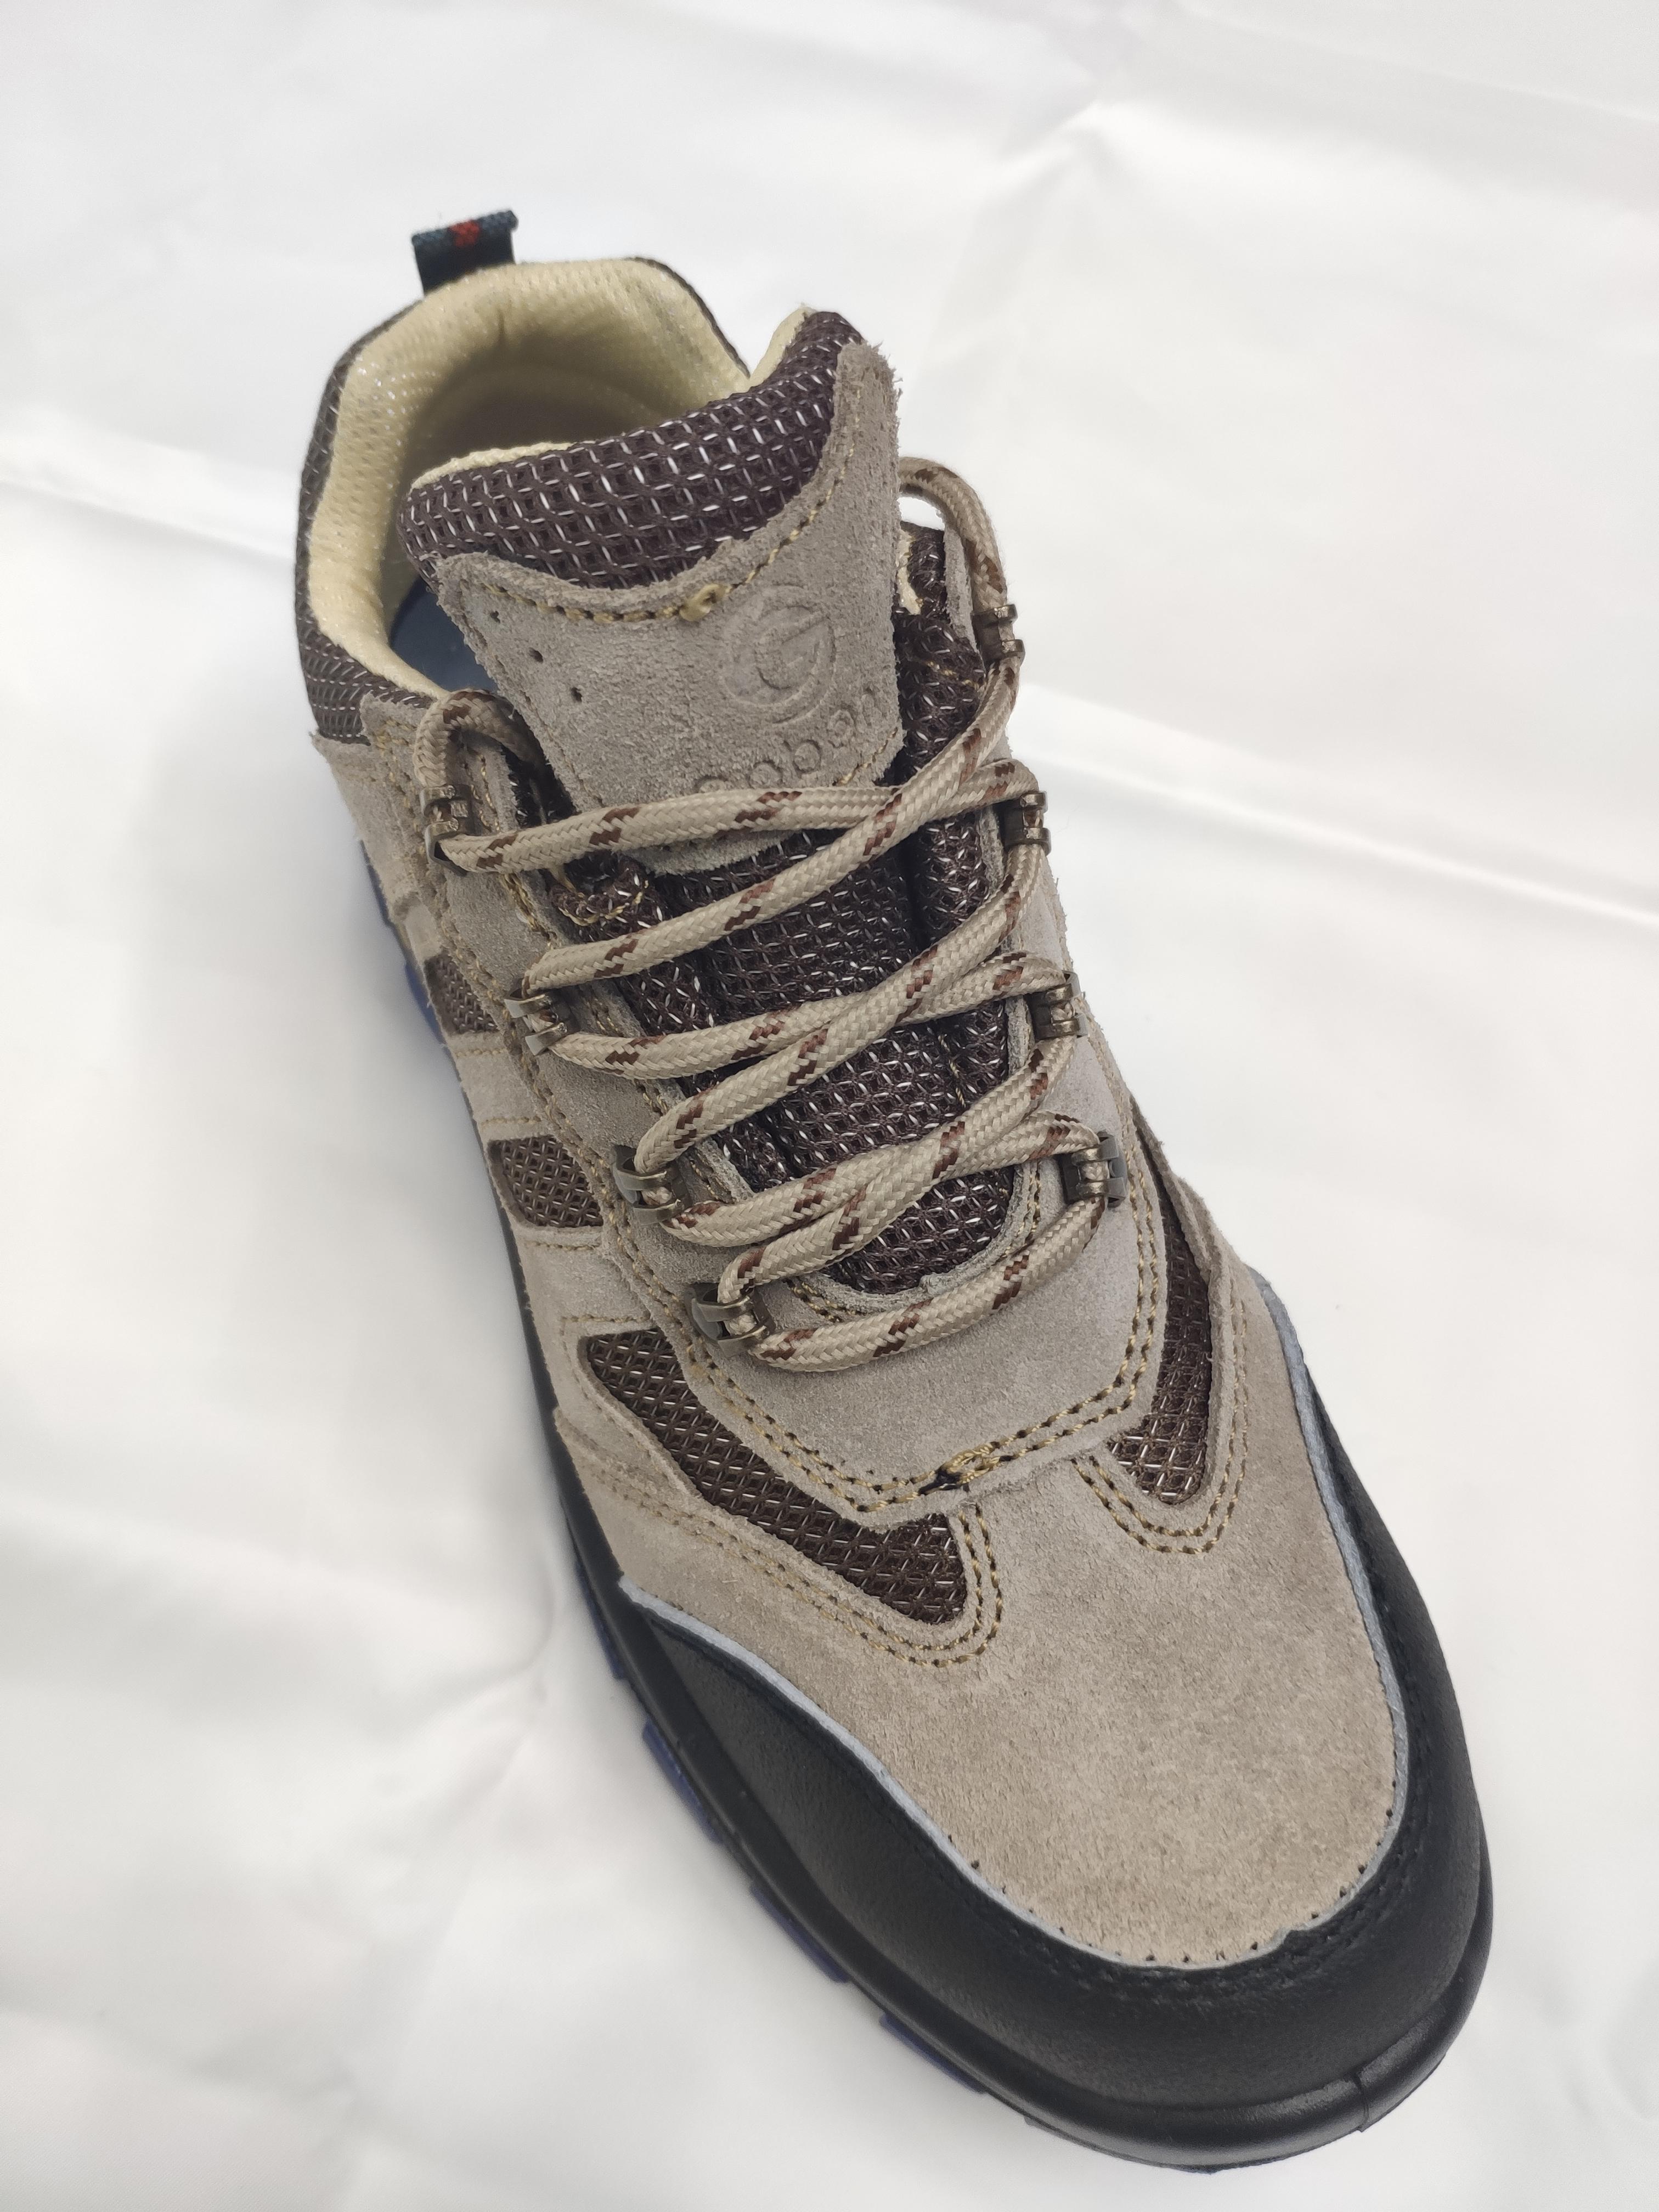 劳保鞋男工作钢包头防砸防刺穿耐磨轻便电工安全焊工劳保鞋